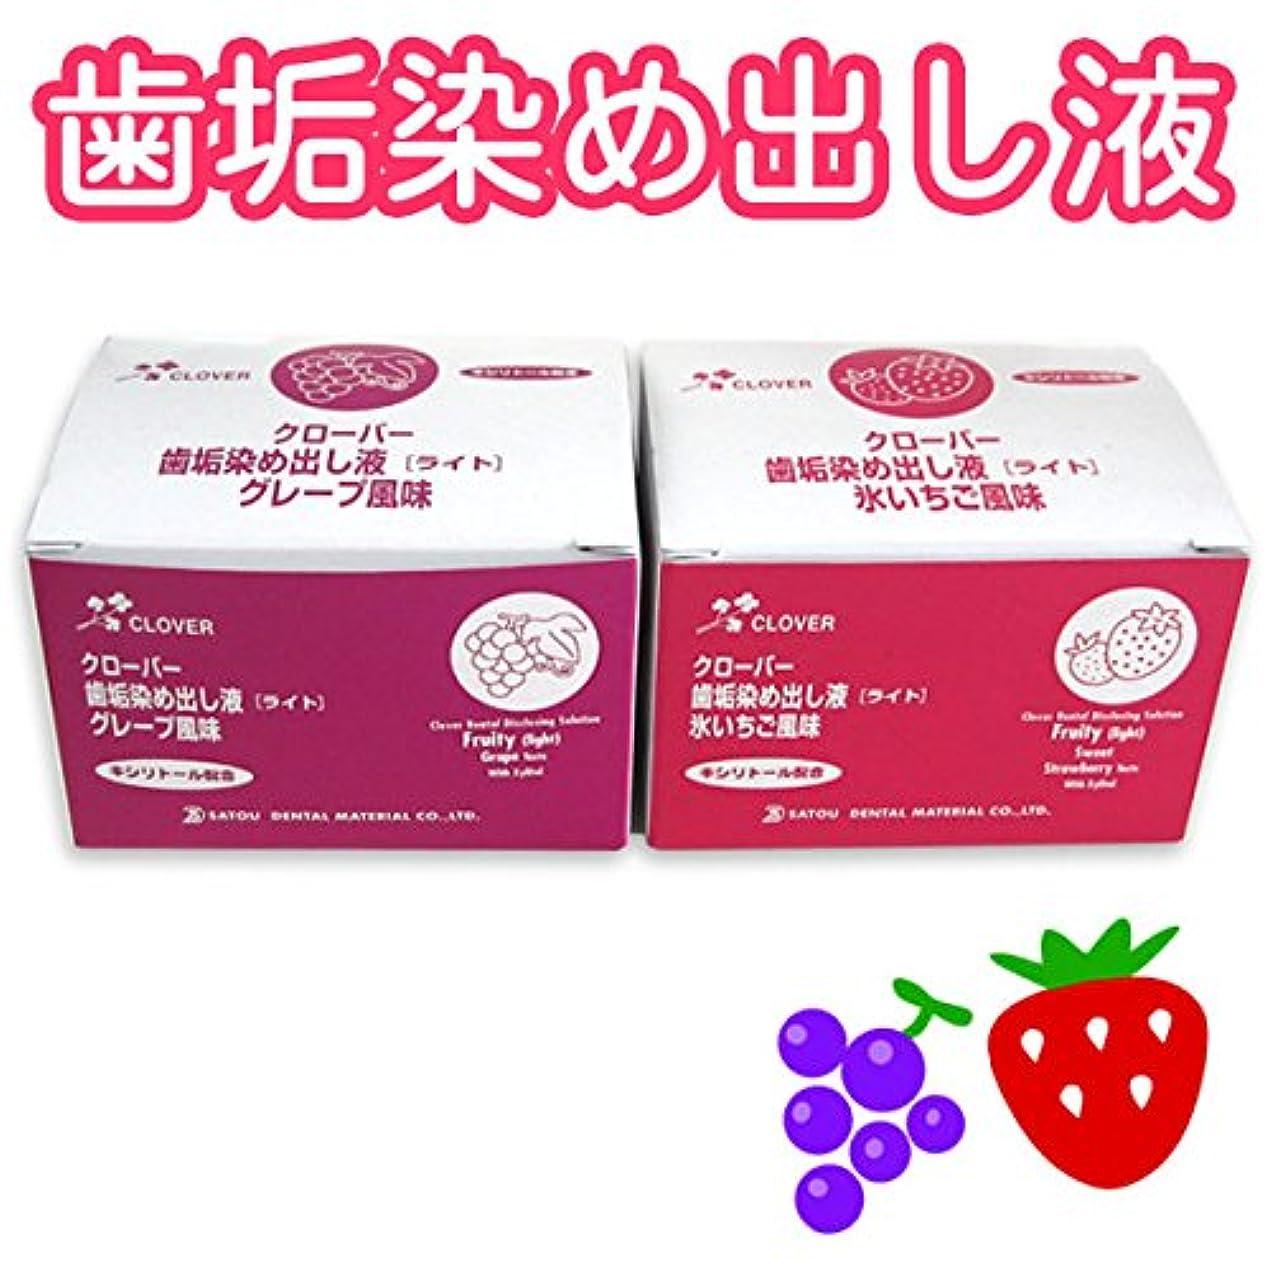 増加するブリークメガロポリス12個入 クローバー 歯垢染め出し液ライト フルーツの香り 5ml (氷いちご)